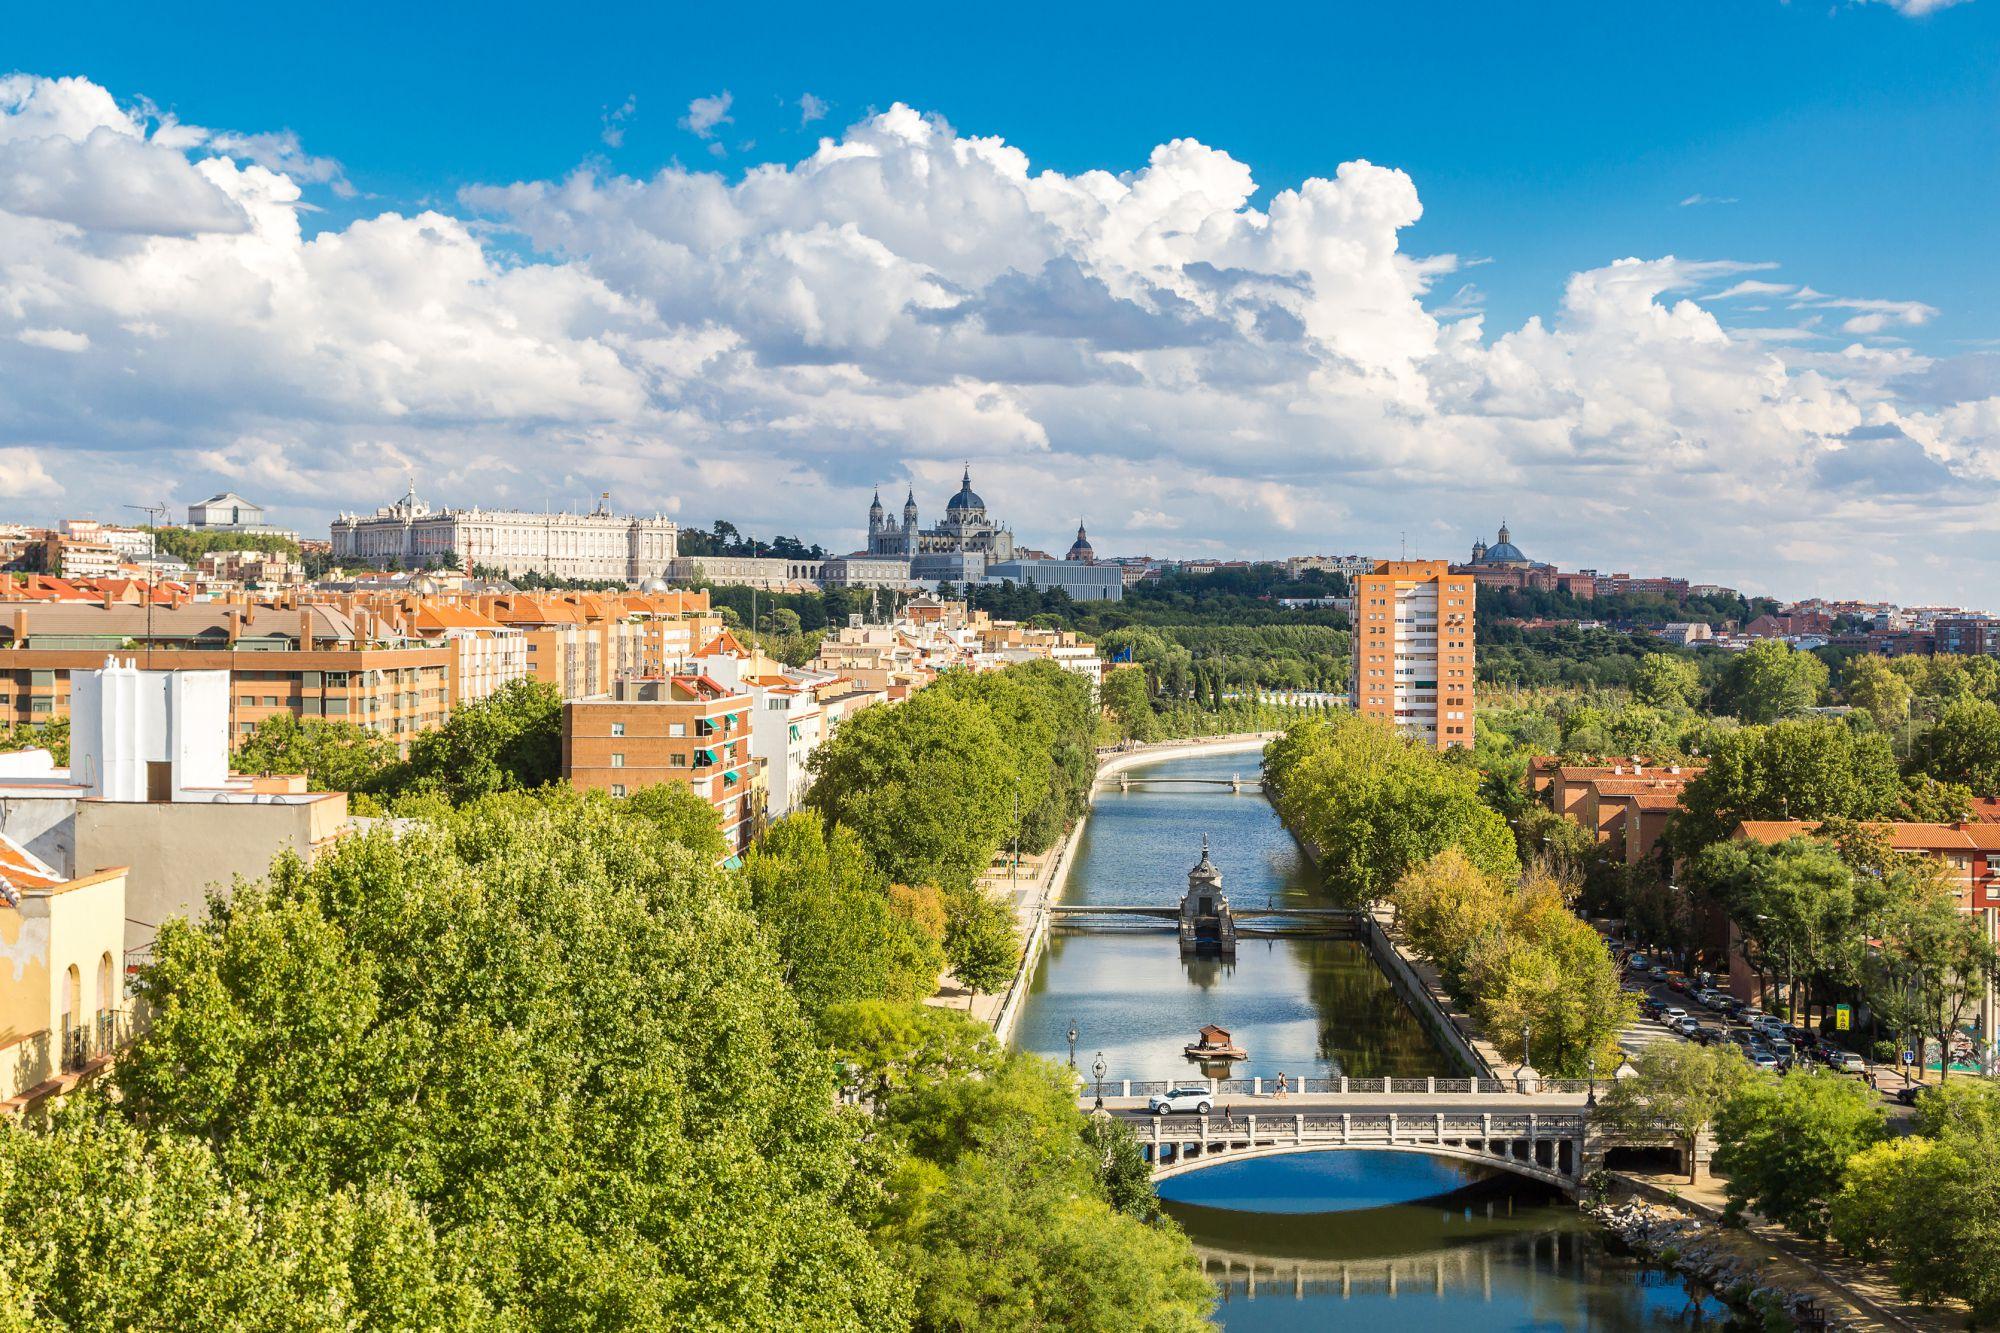 El río Manzanares recorre Madrid Río.